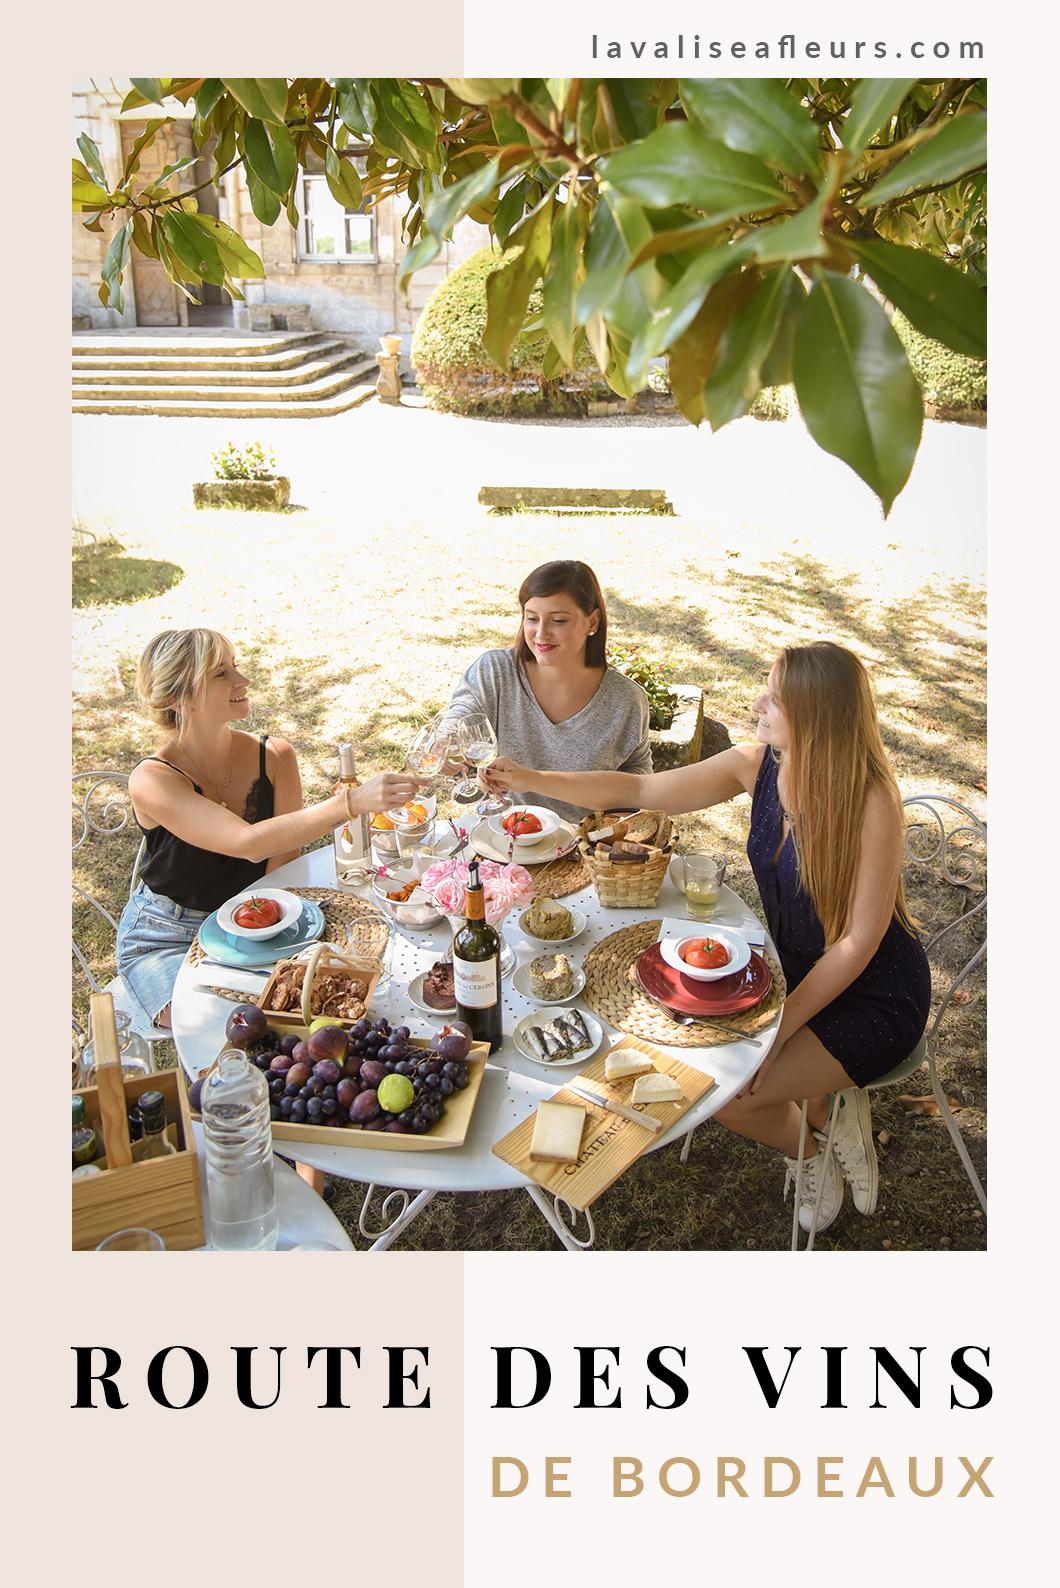 Oenotourisme sur la route des vins de Bordeaux en France